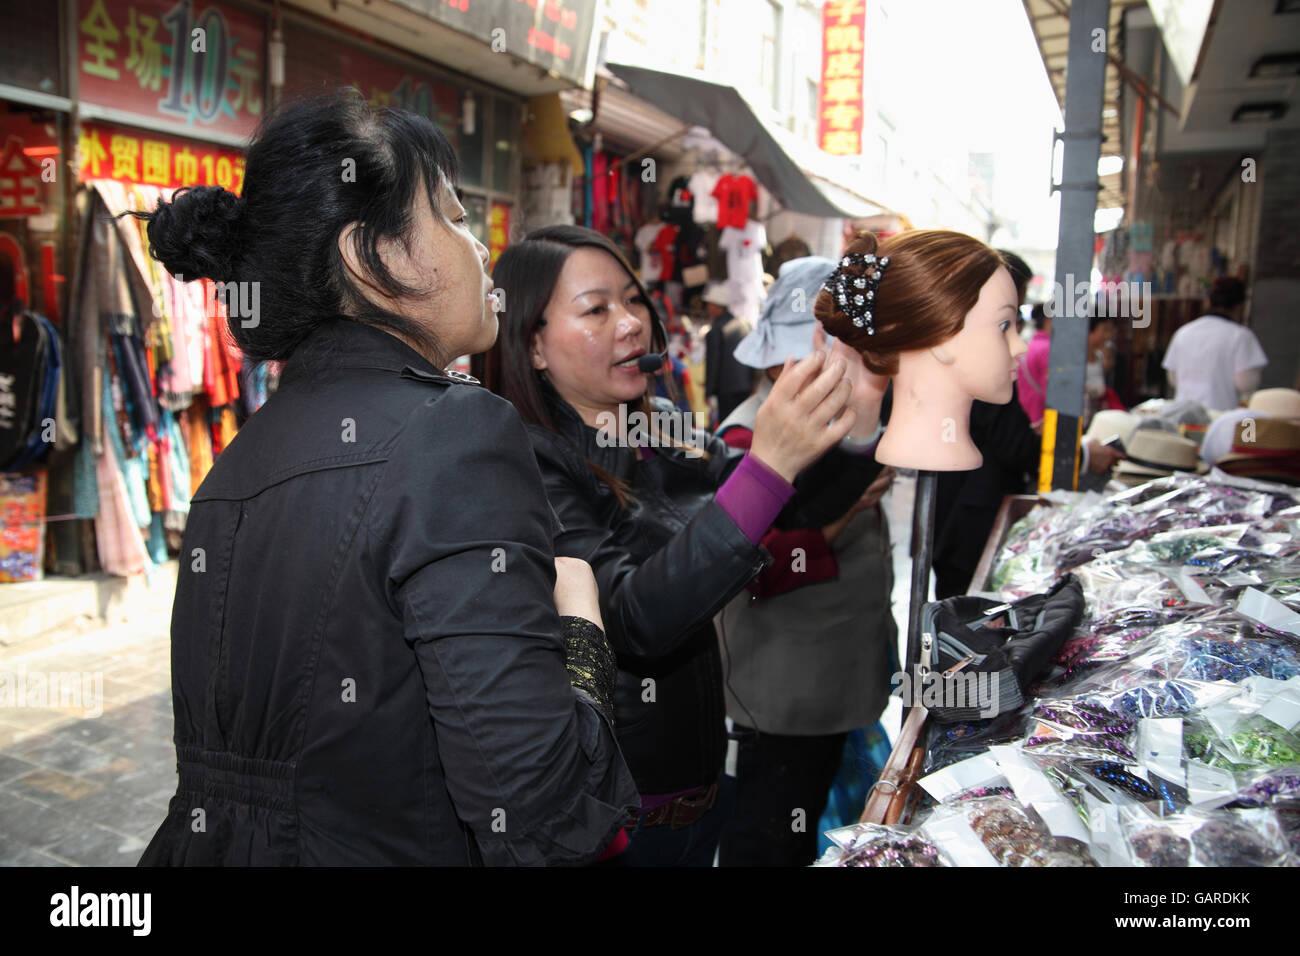 Eine Frau kämmt und eine Schaufensterpuppe in einer Galanterie zusammen eine Perücke aufsetzt, sie spricht Stockbild